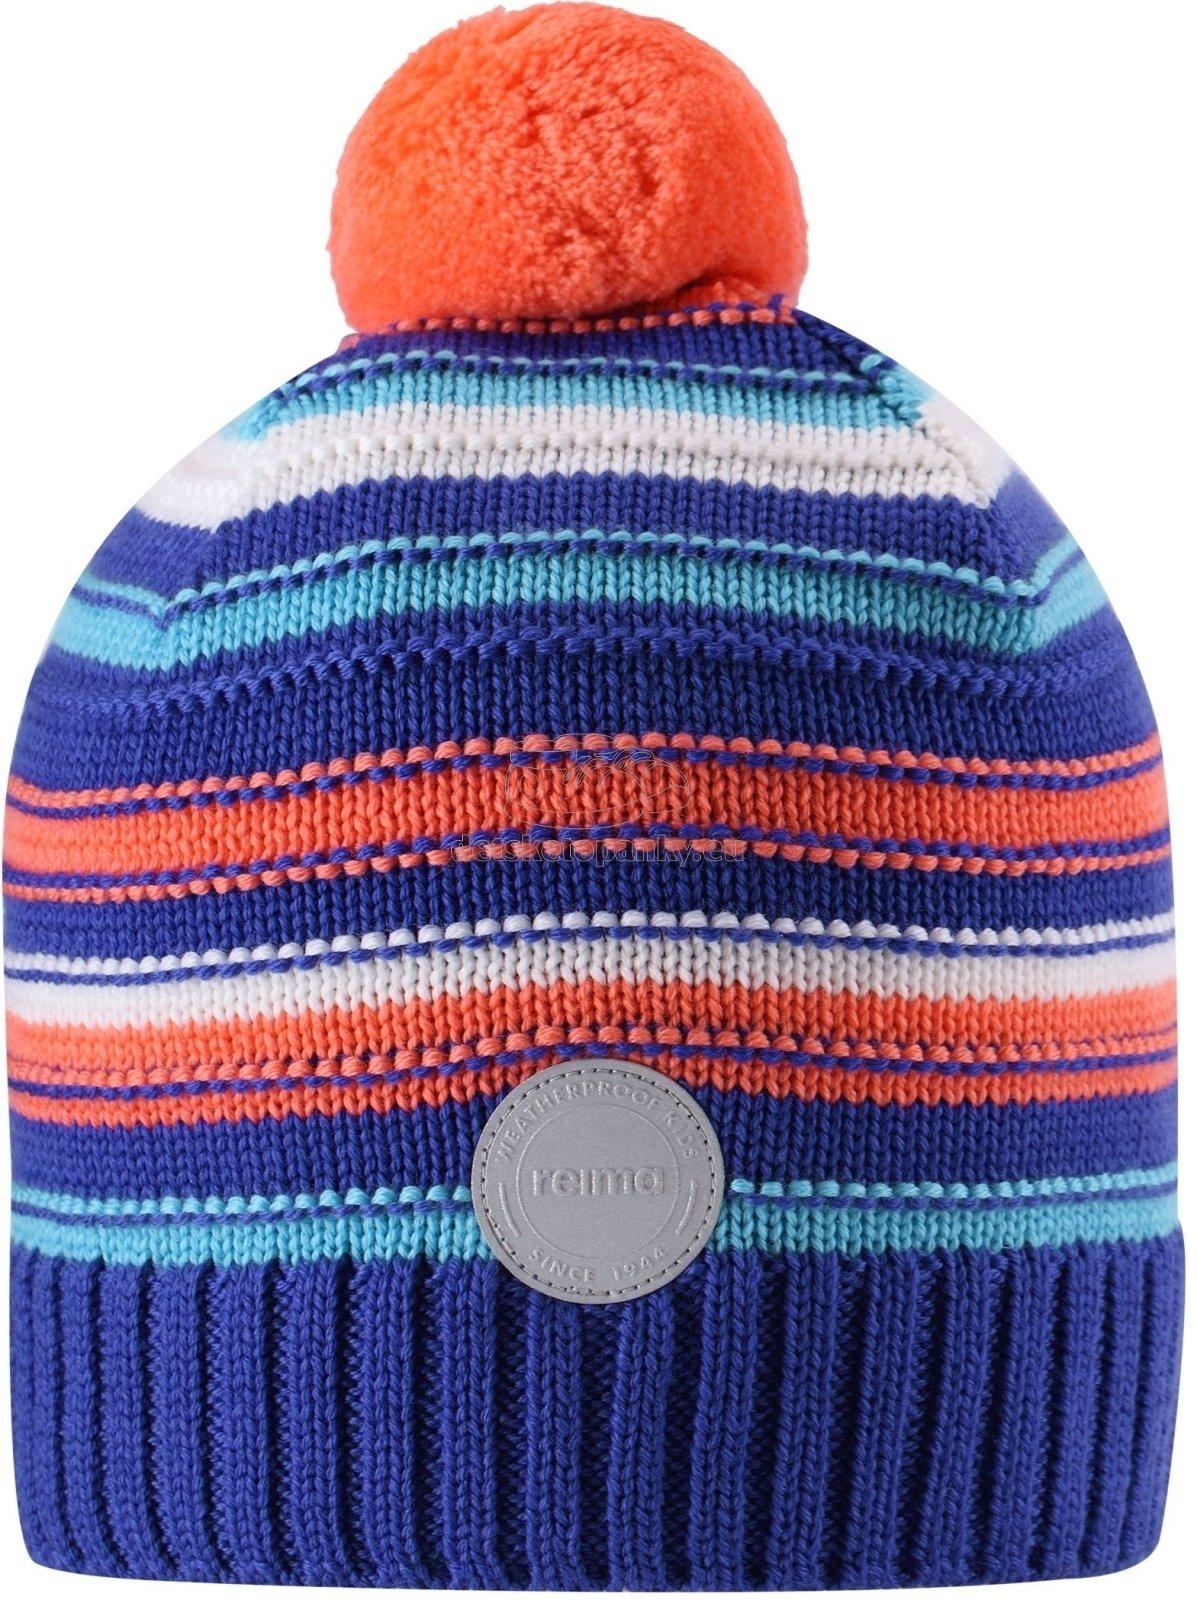 Detská zimná čiapka Reima 538080-5811 violet